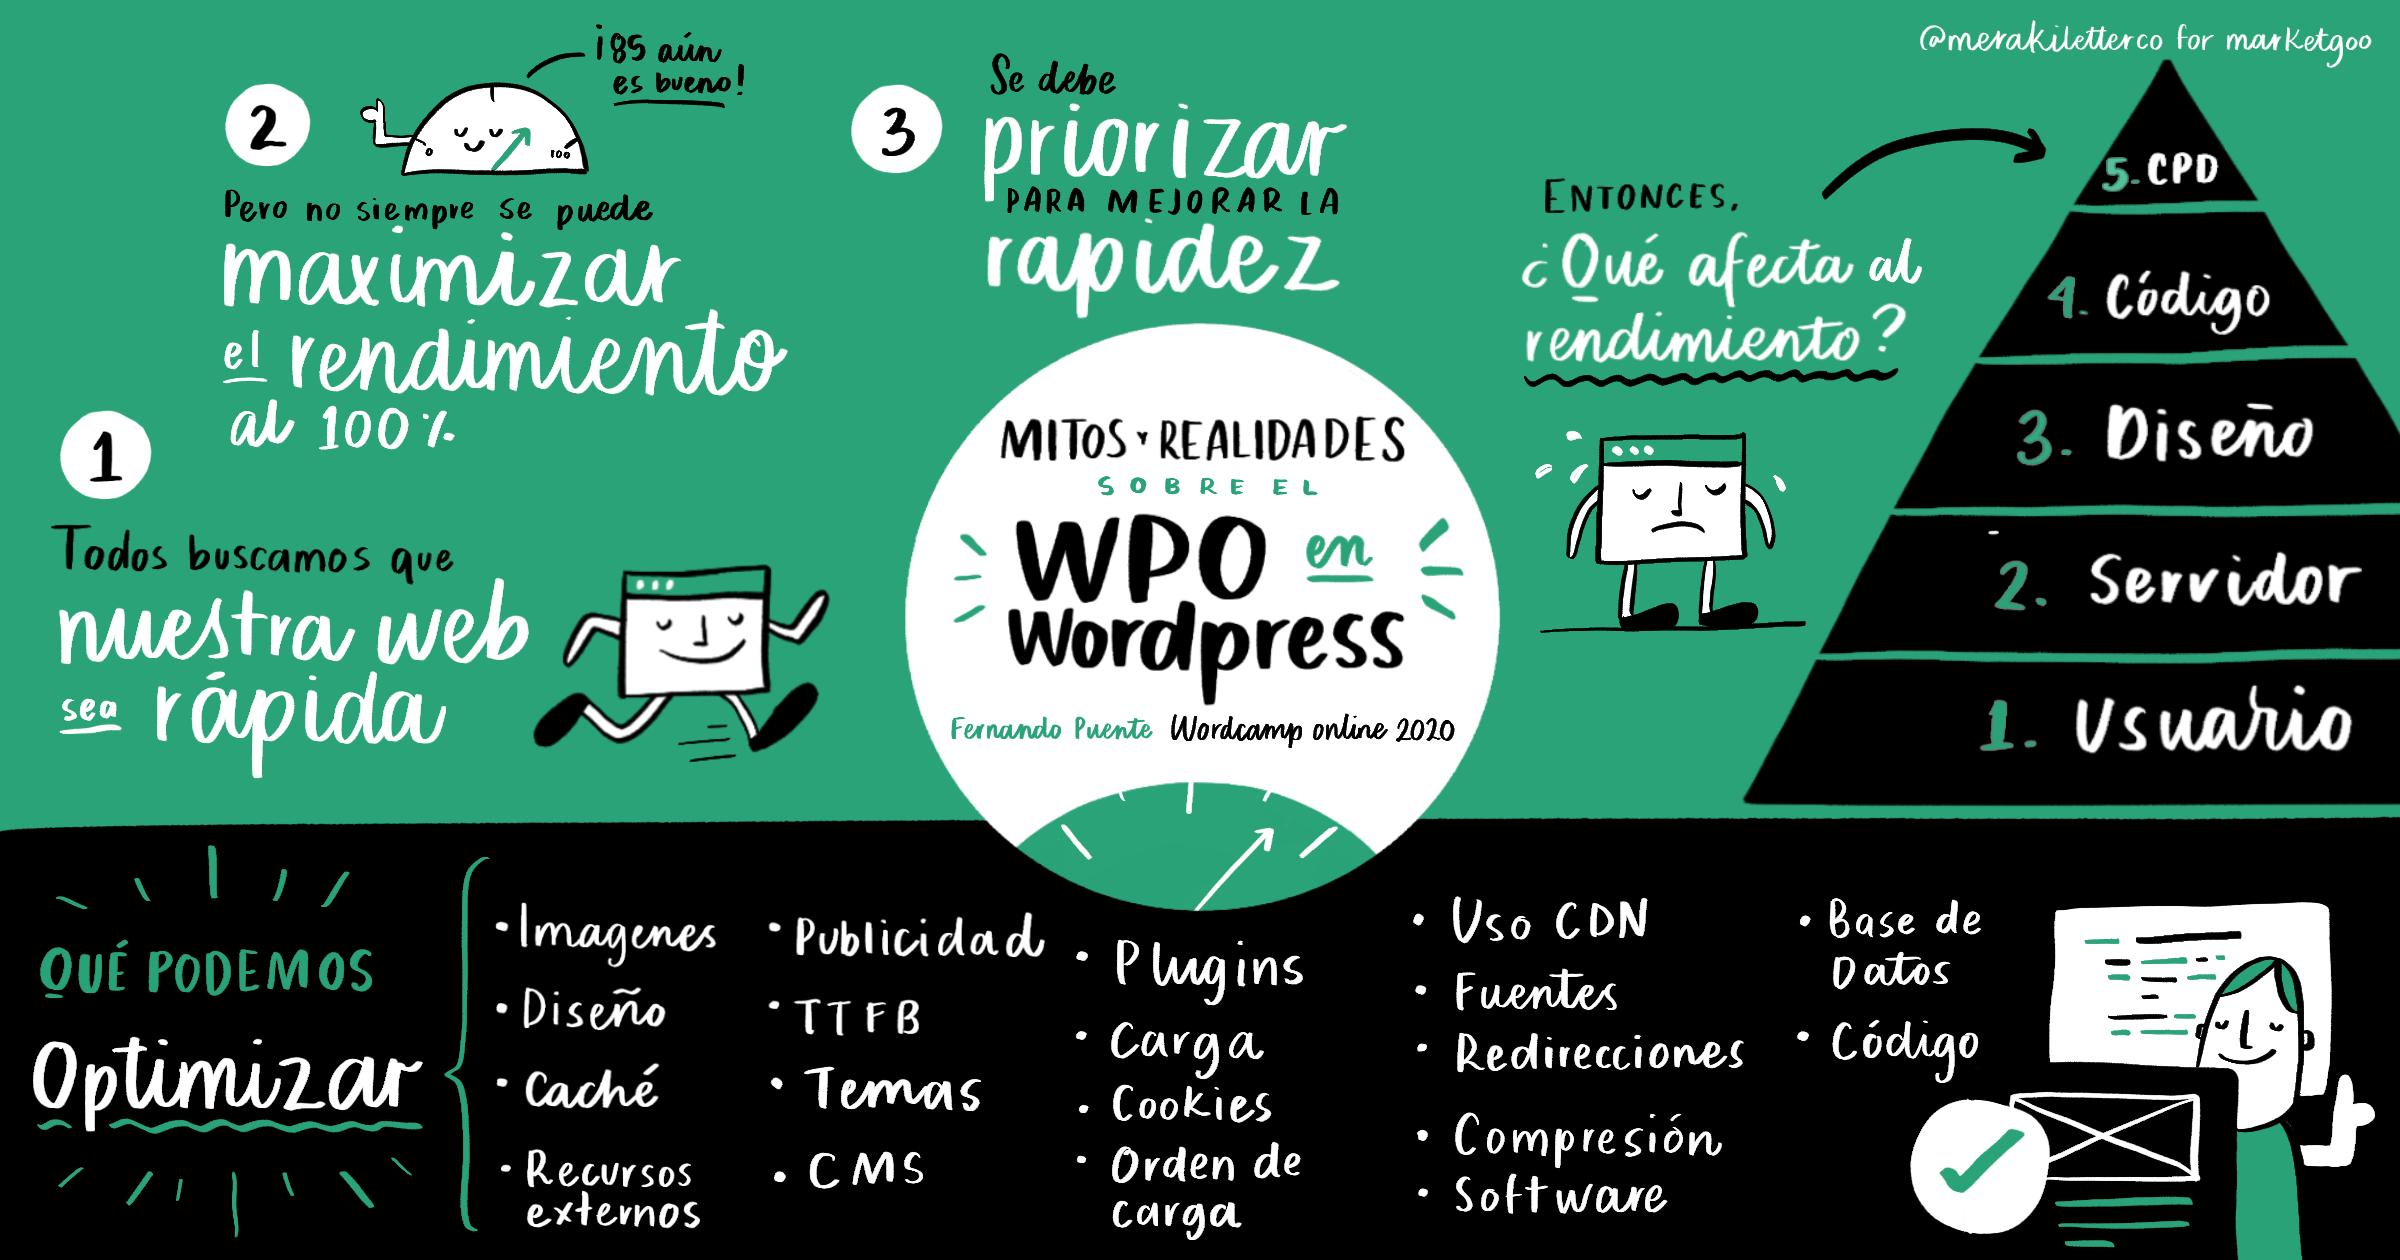 WPO-wordpress-fernando-puente